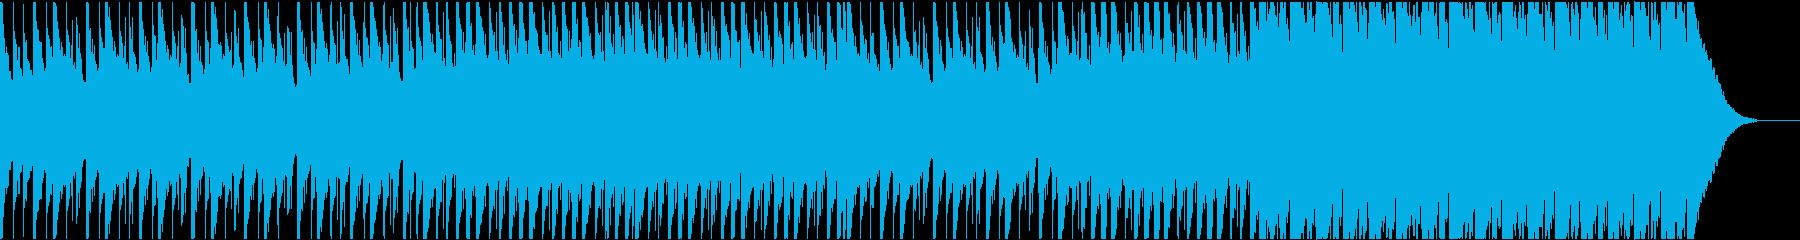 声素材なし版 無機質なミニマルトラックの再生済みの波形